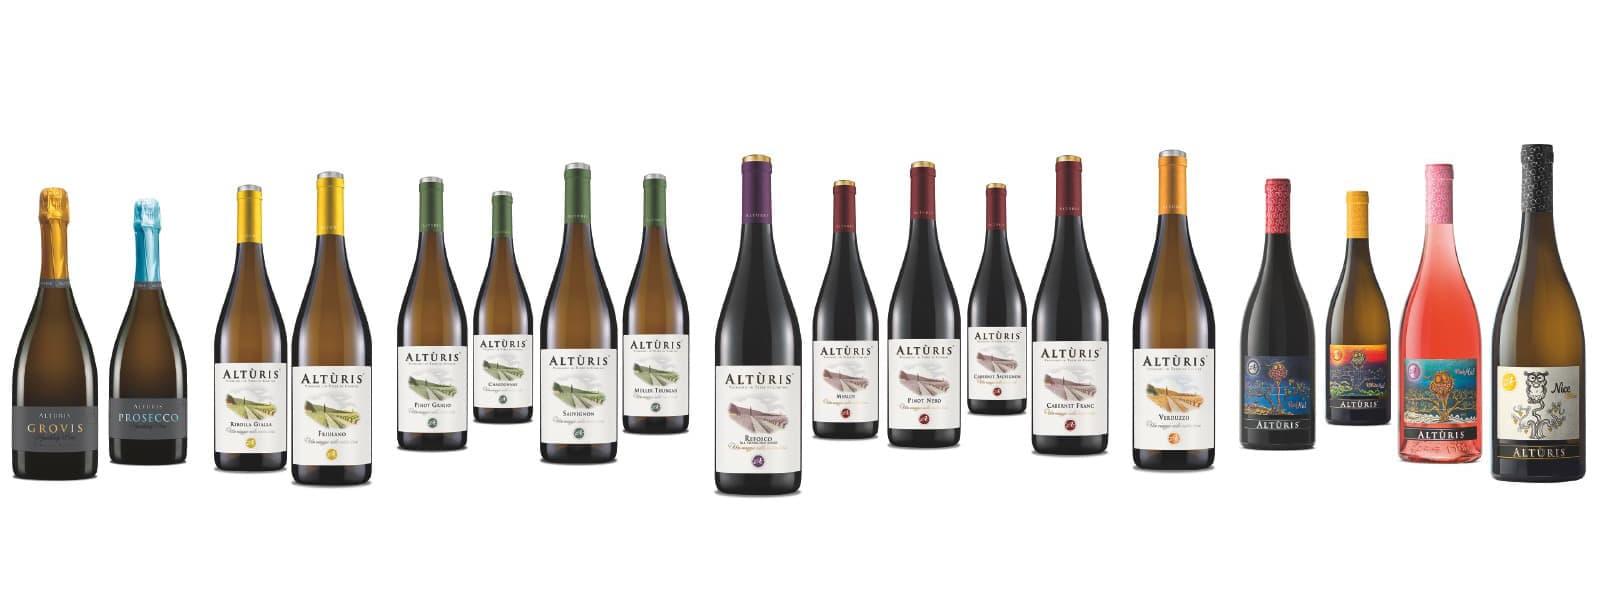 Vini Altùris & Birra Gjulia - La famiglia dei vini